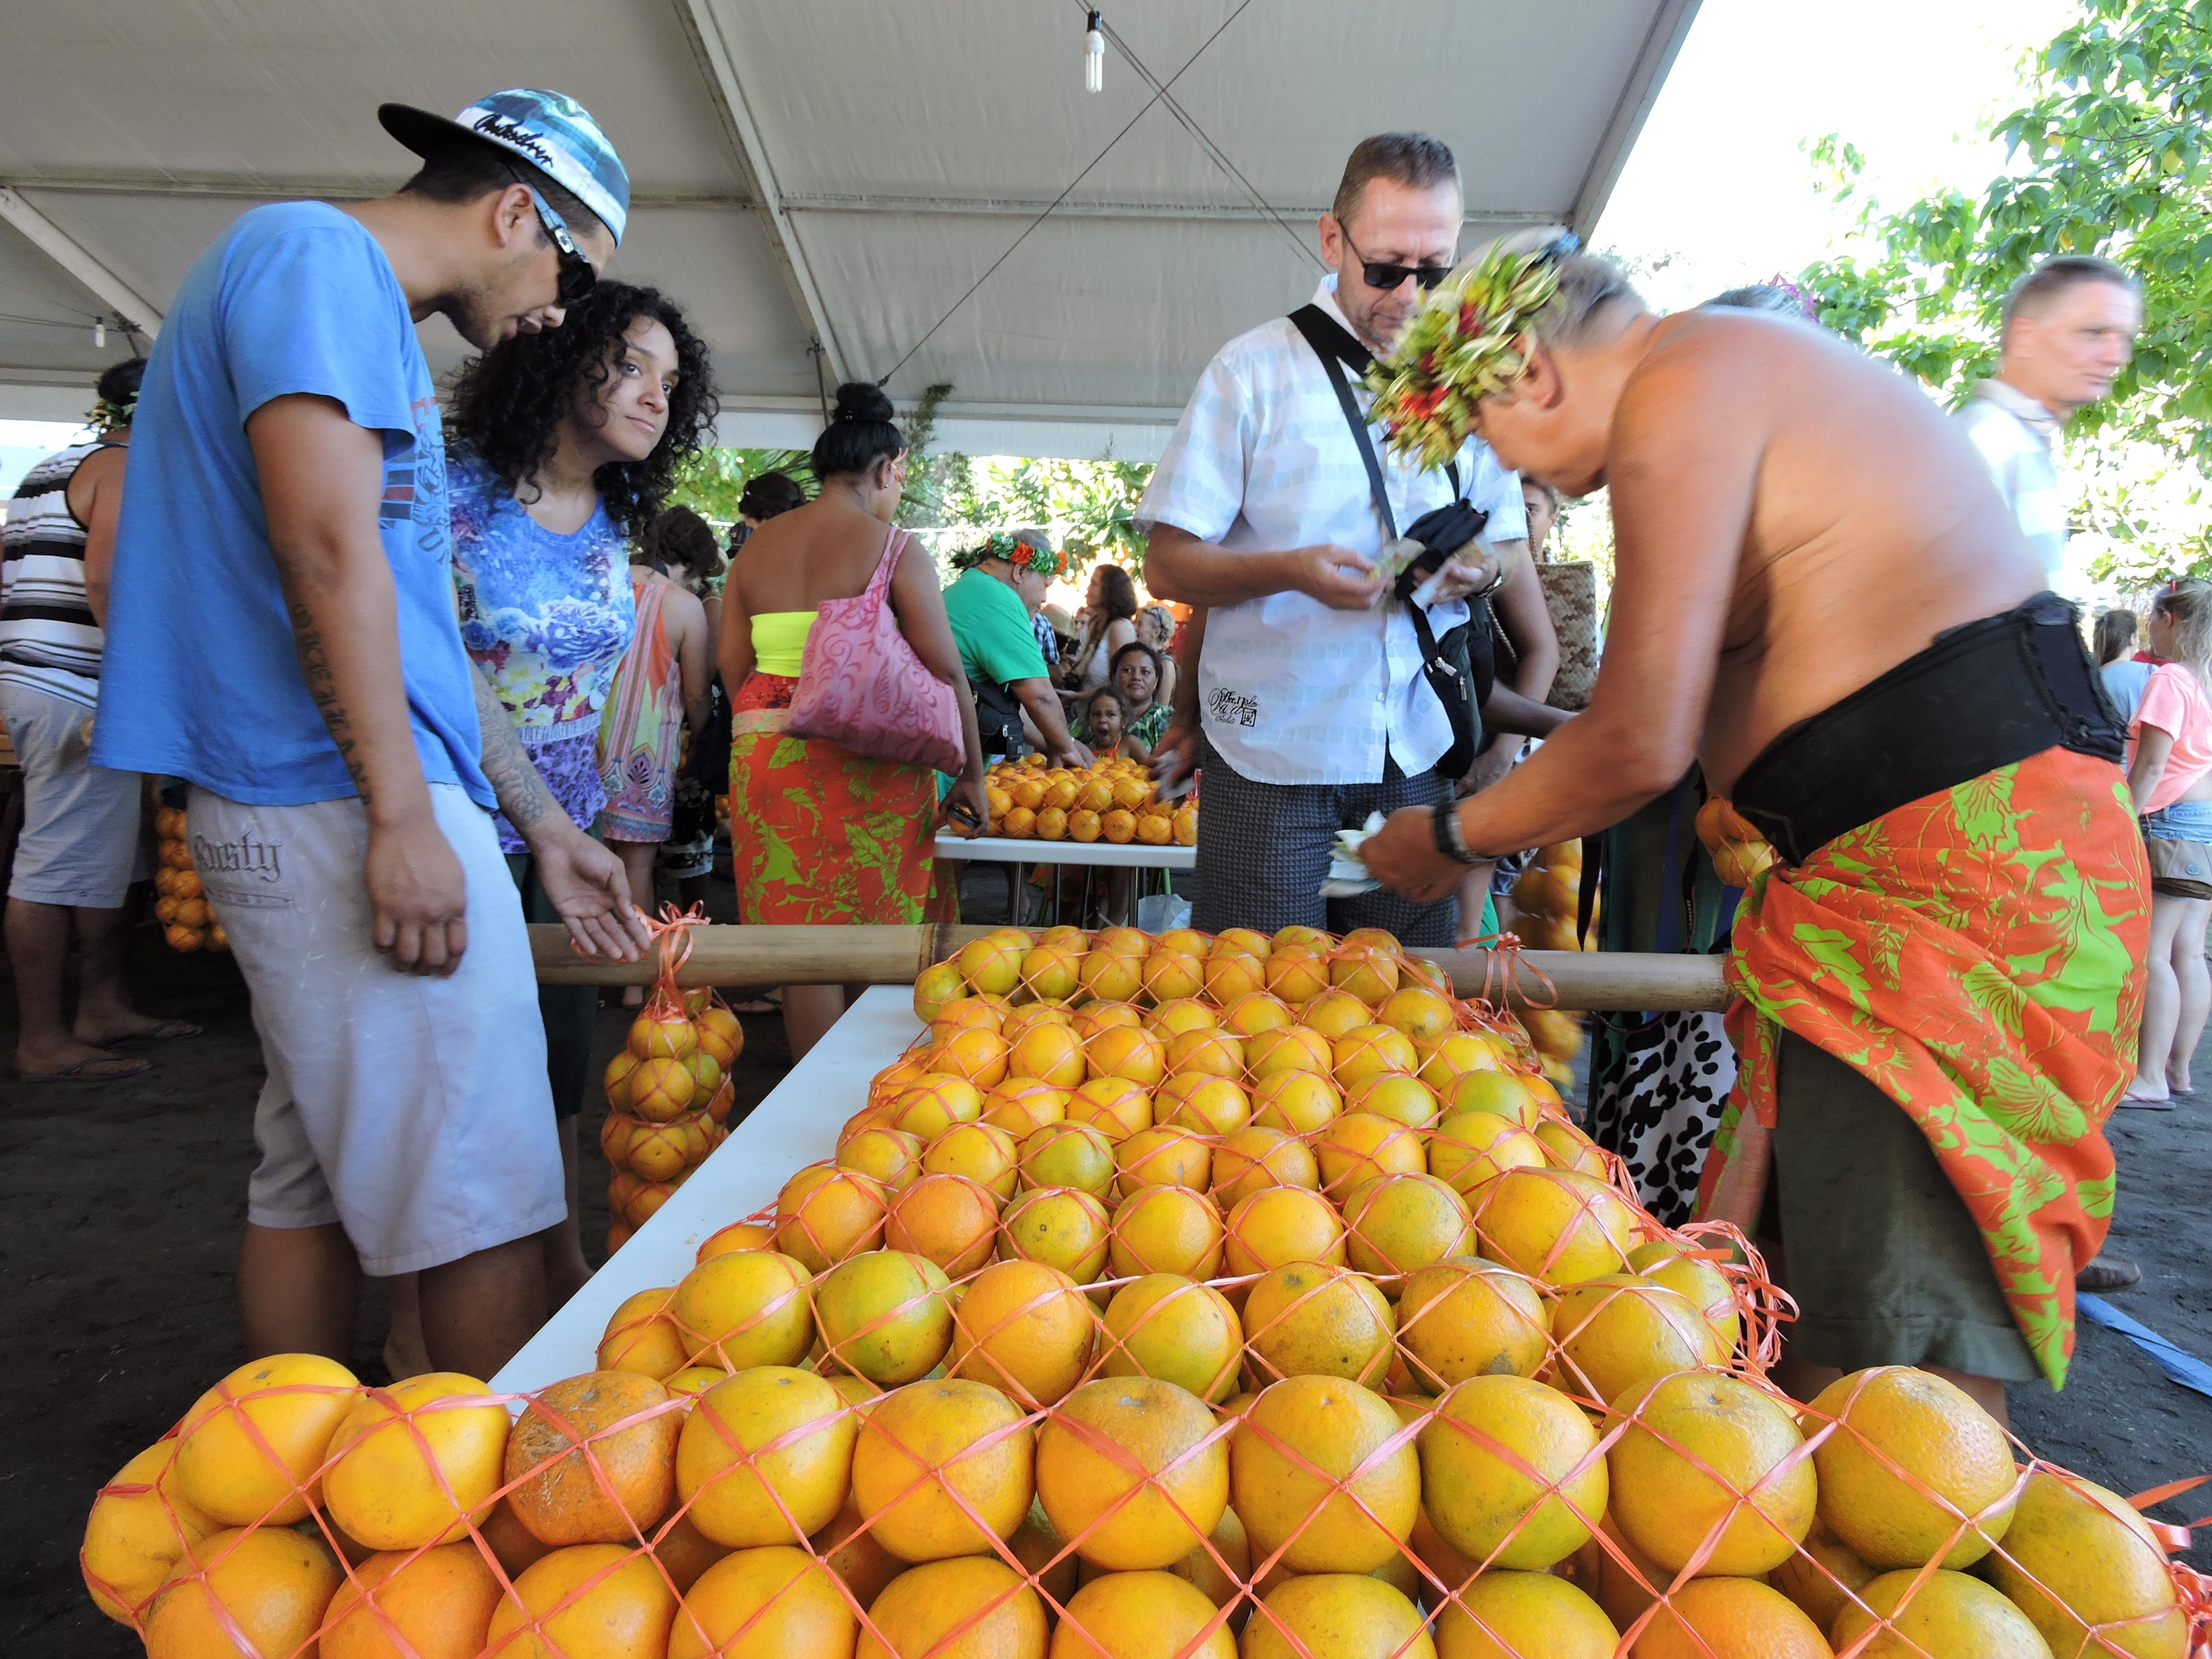 Punaauia : la cueillette des oranges a commencé